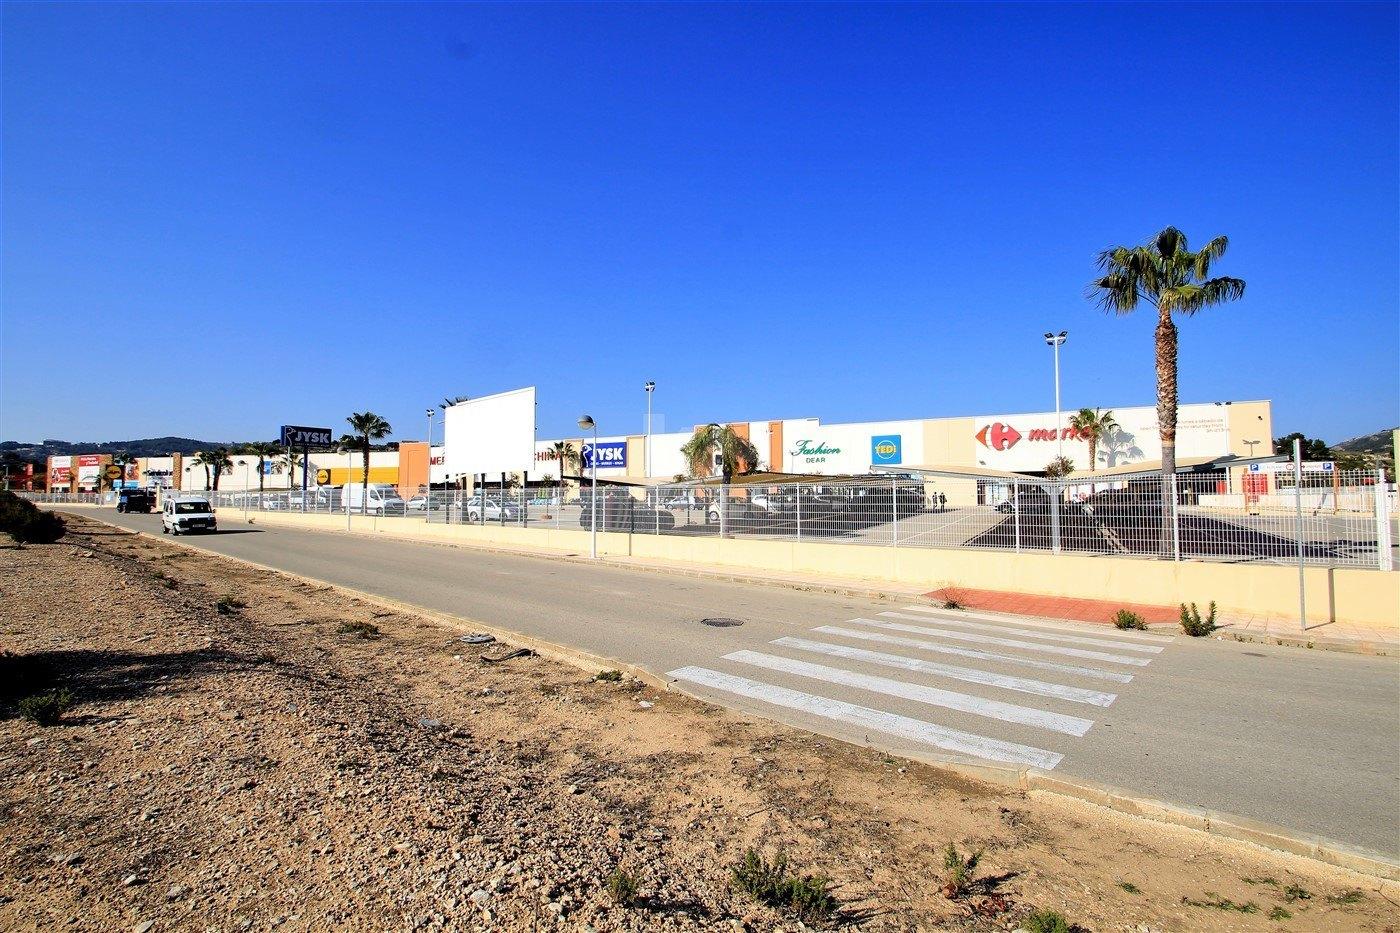 Terrain commercial à vendre à Moraira, Costa Blanca.